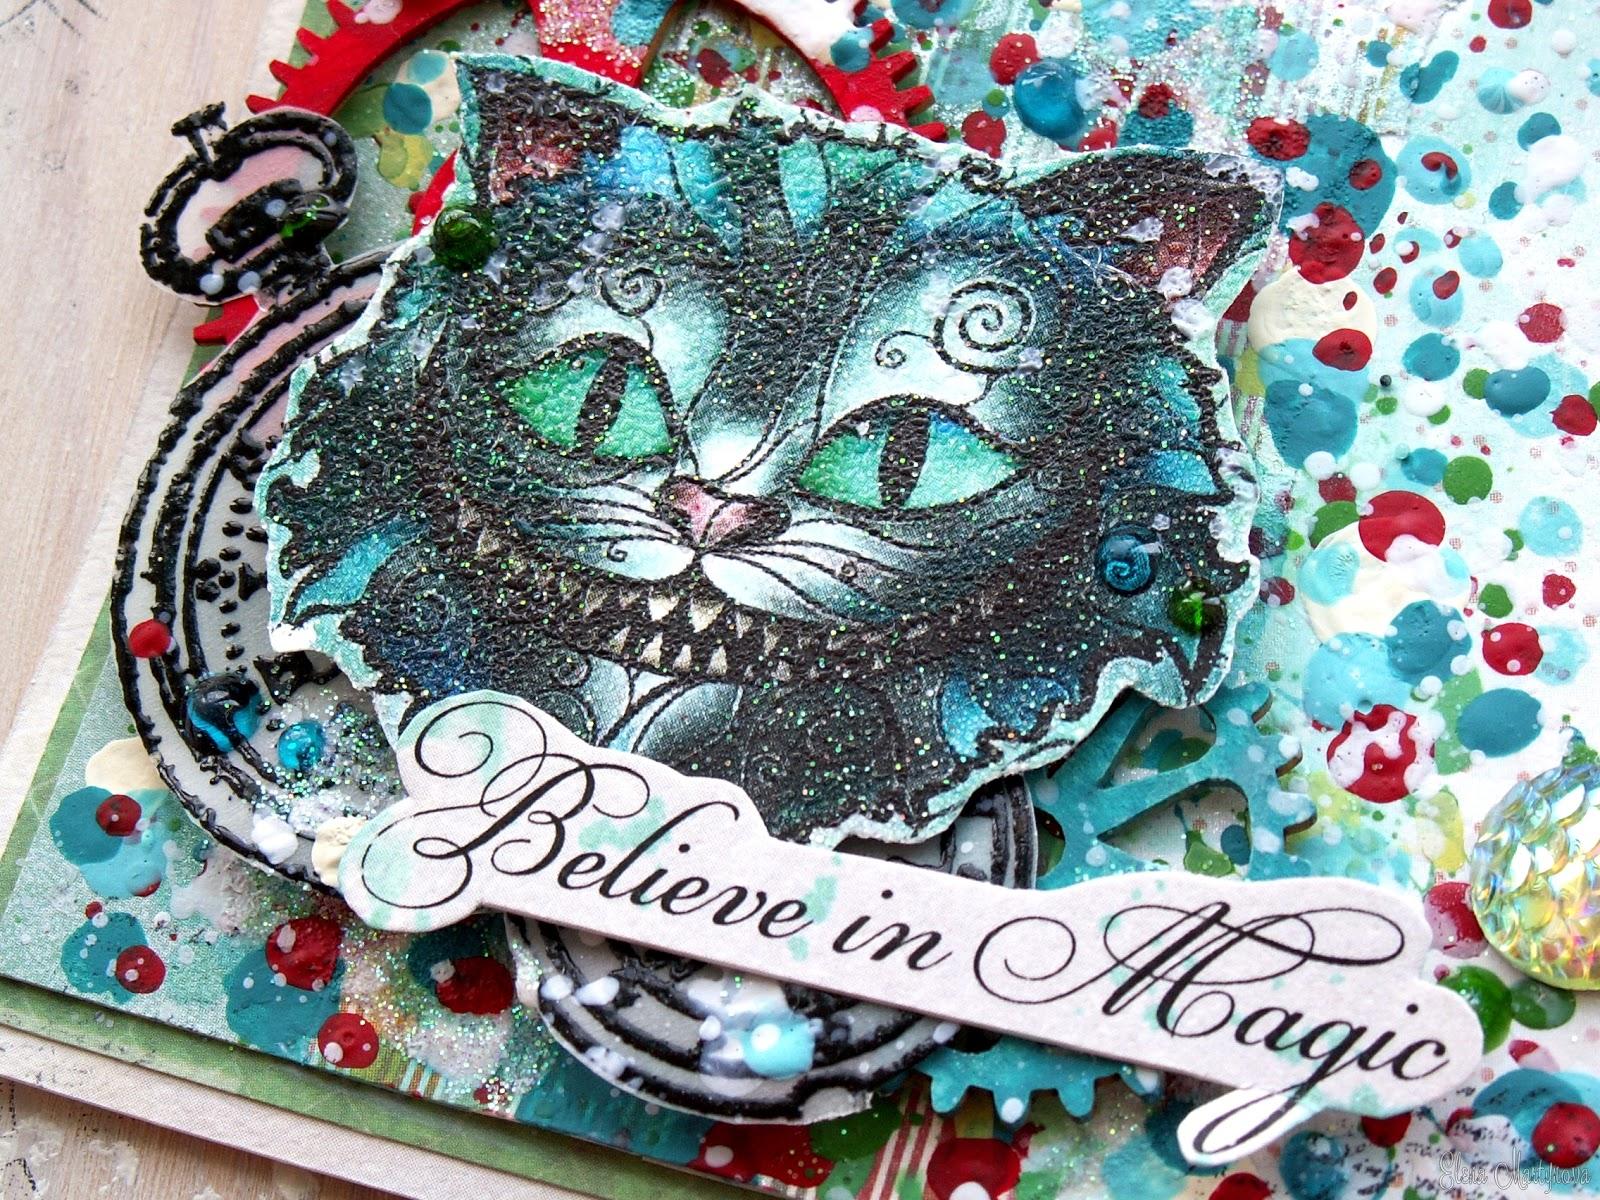 Открытки с днем рождения чеширский кот, открытка